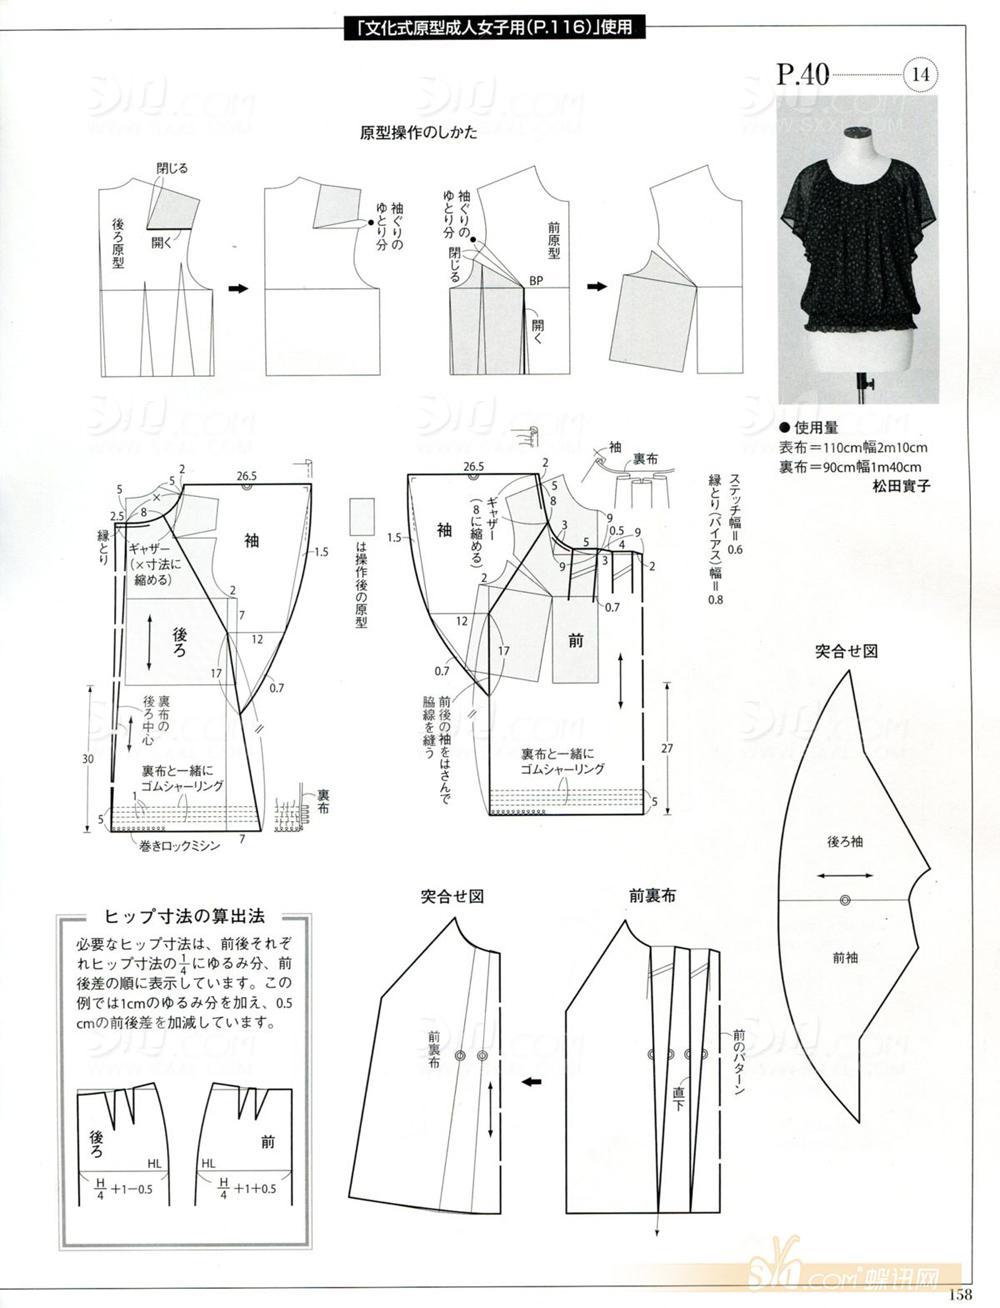 Чертежи Выкроек На Блузки Для Полных Дам 56 Размера Летних